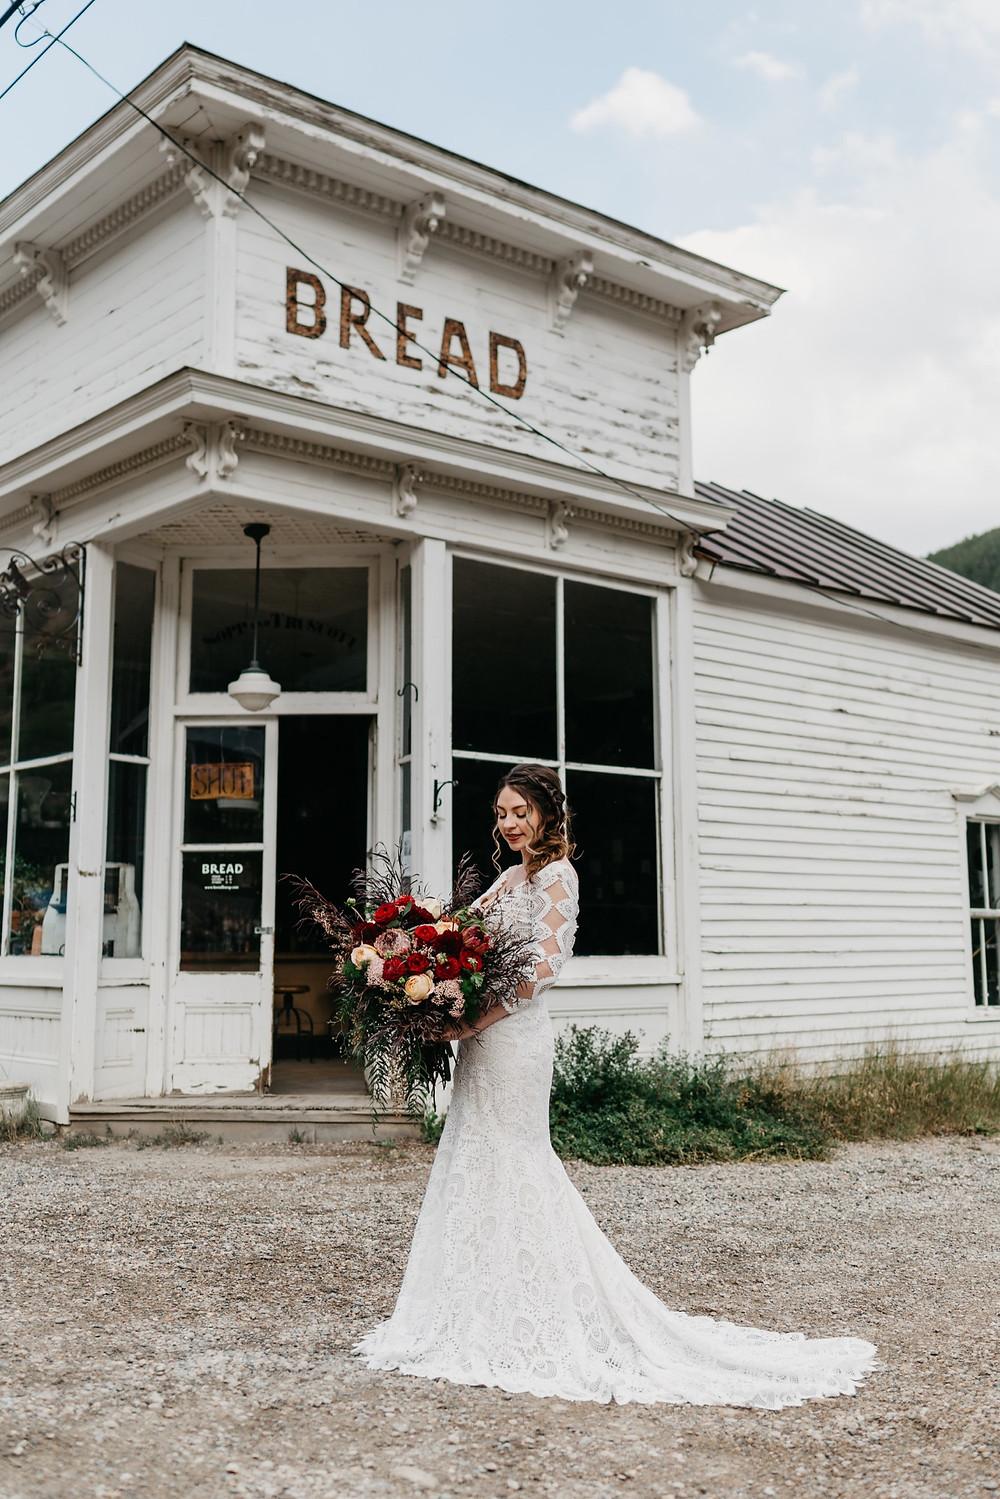 Bride with wedding bouquet at Bread bar silver Plume Colorado